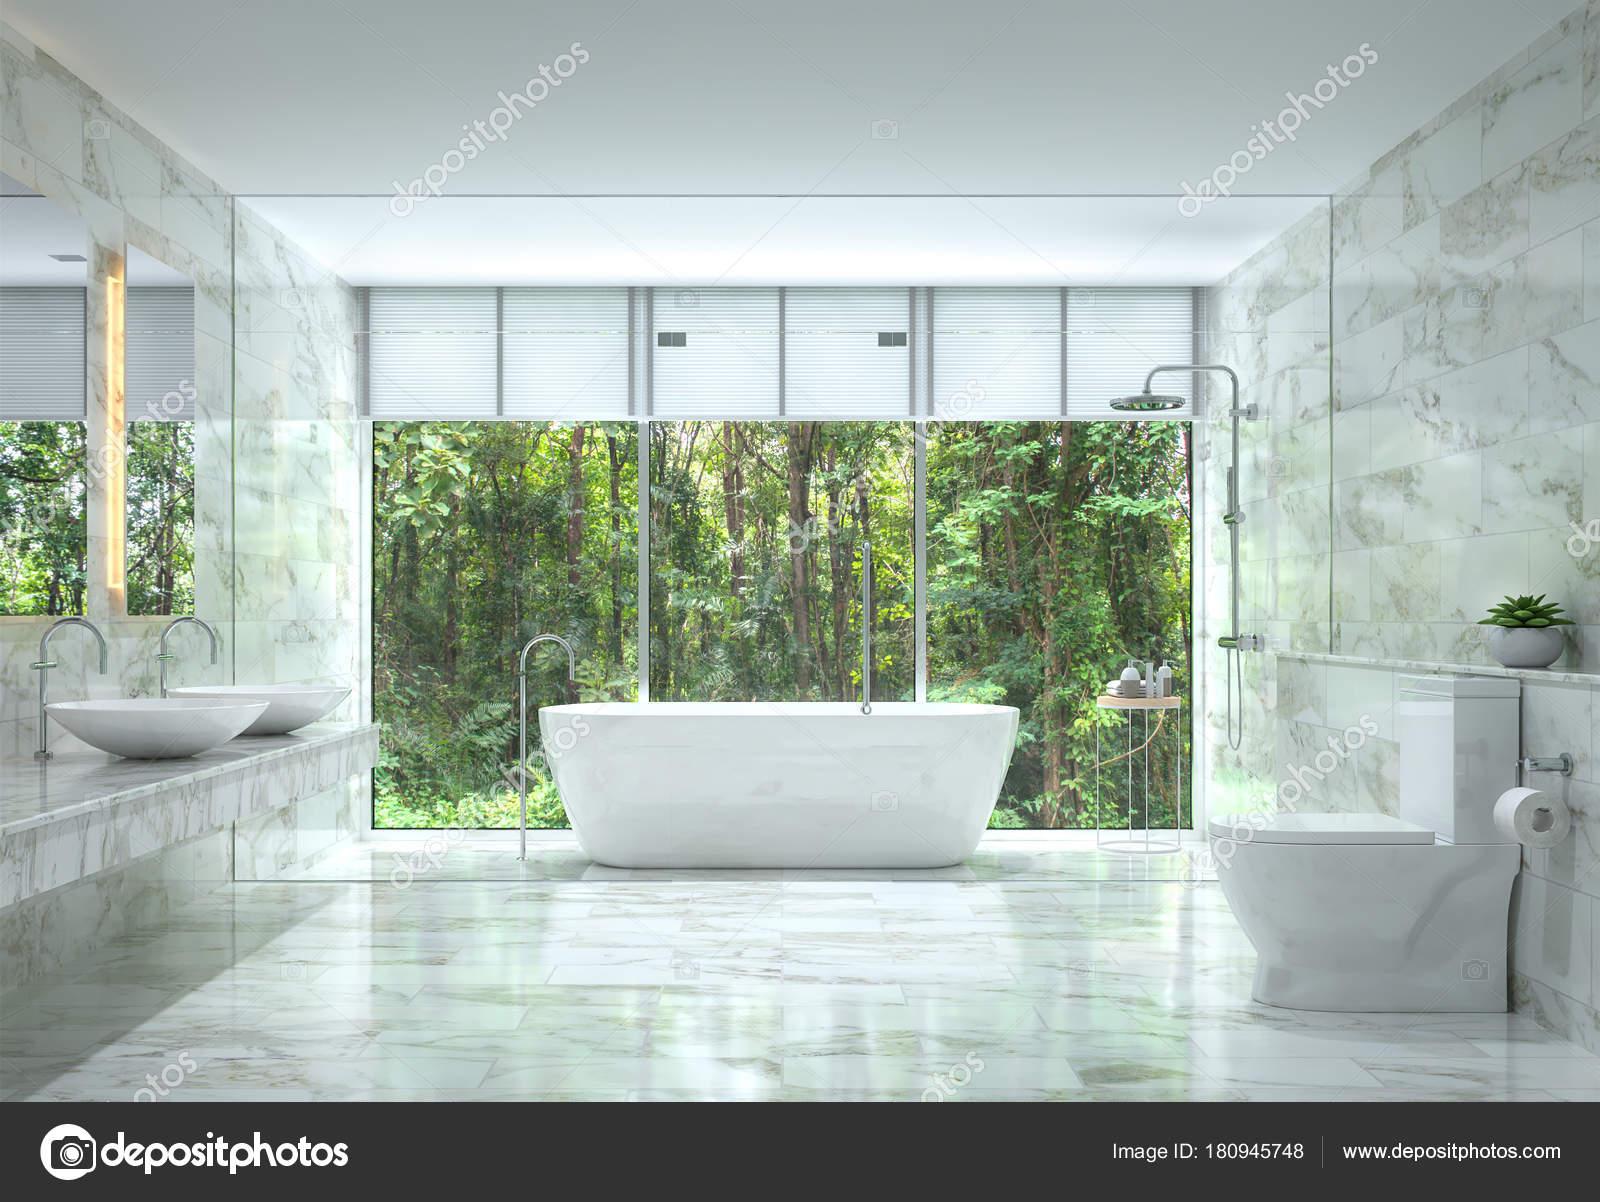 Bagno lusso moderno con immagine natura view rendering sono